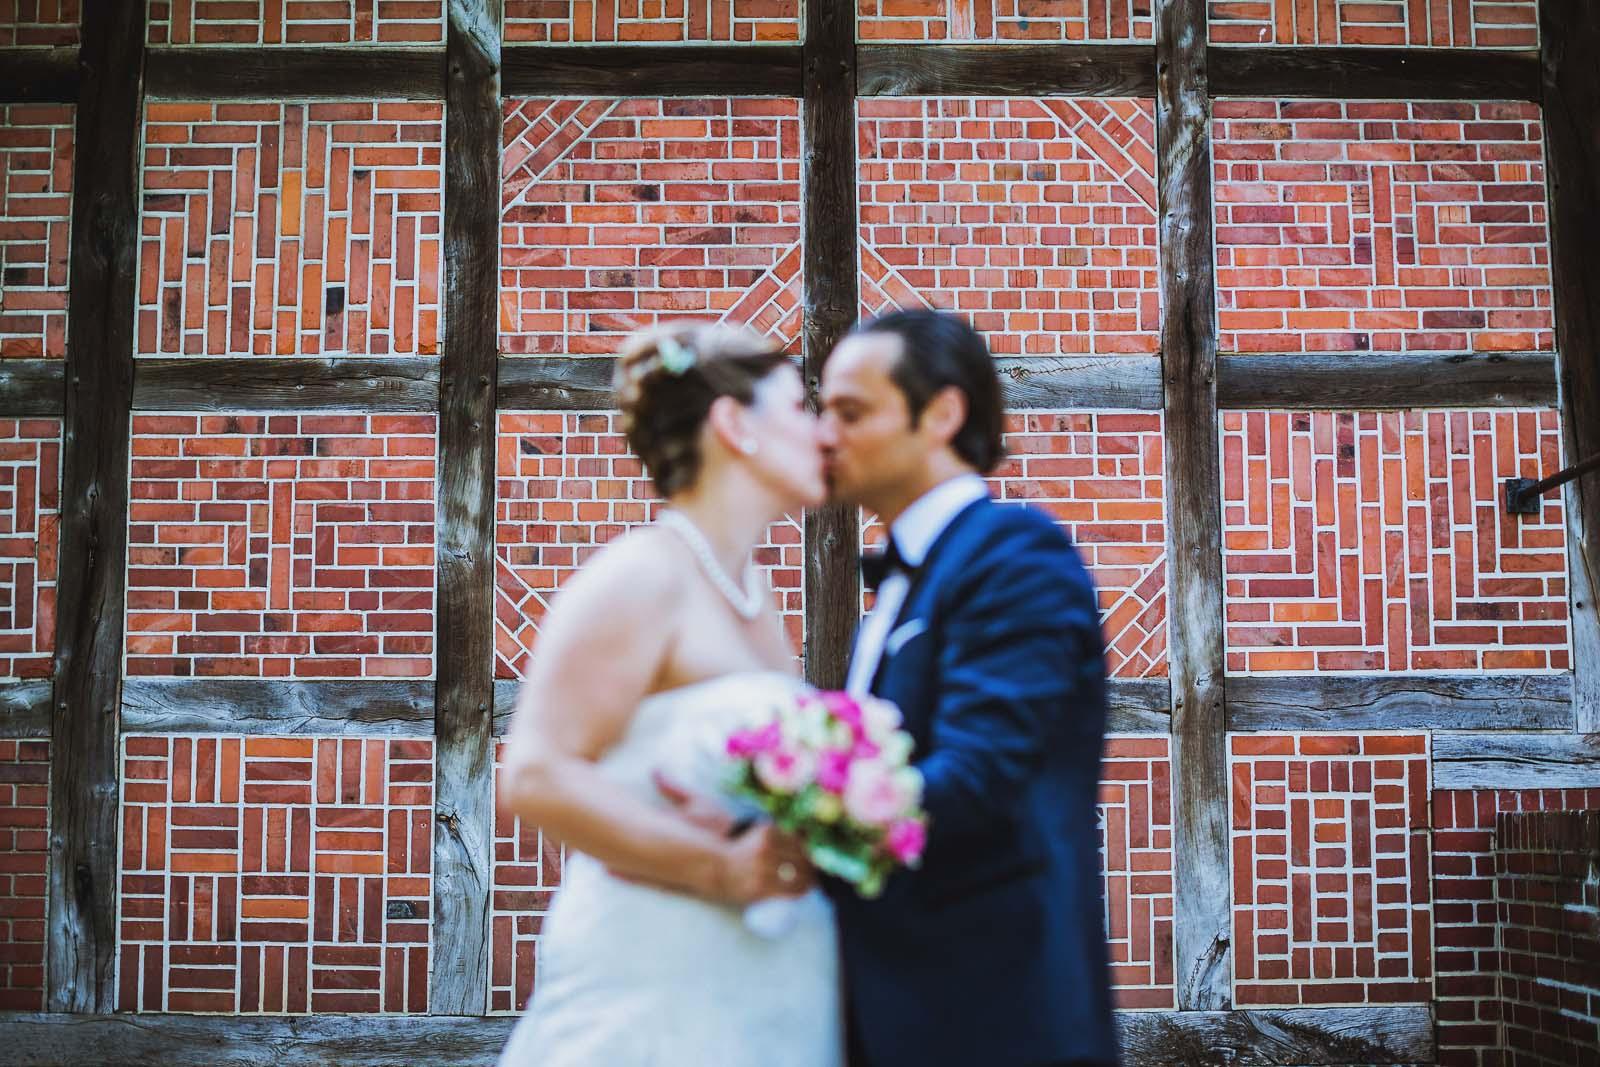 Fachwerkwand und Brautpaar Detailfoto Copyright by Hochzeitsfotograf www.berliner-hochzeitsfotografie.de